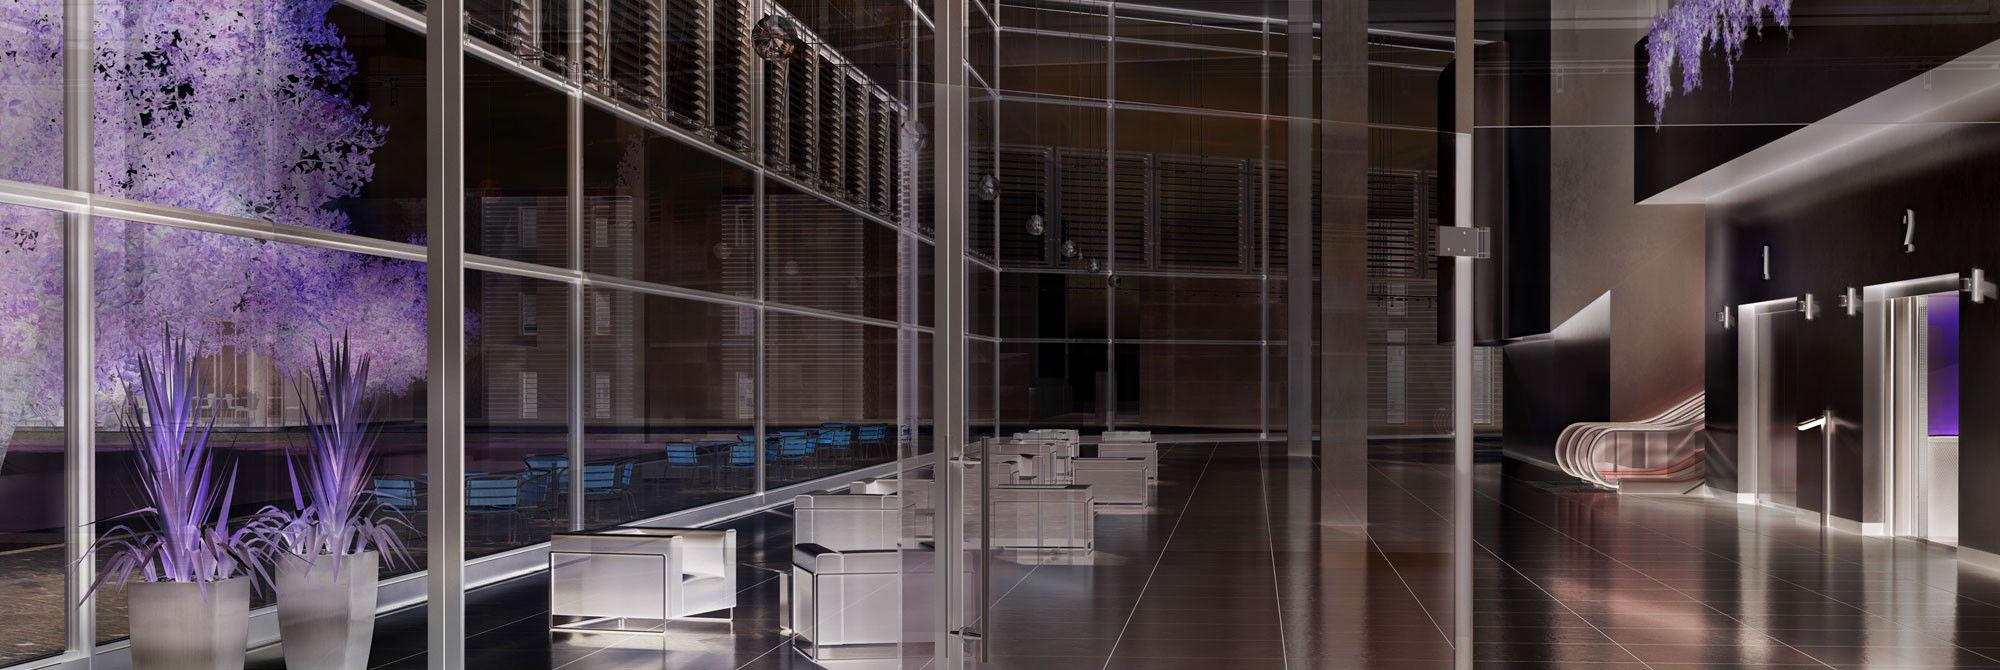 IALift: Sistema inteligente para la optimización de los tiempos de espera en ascensores